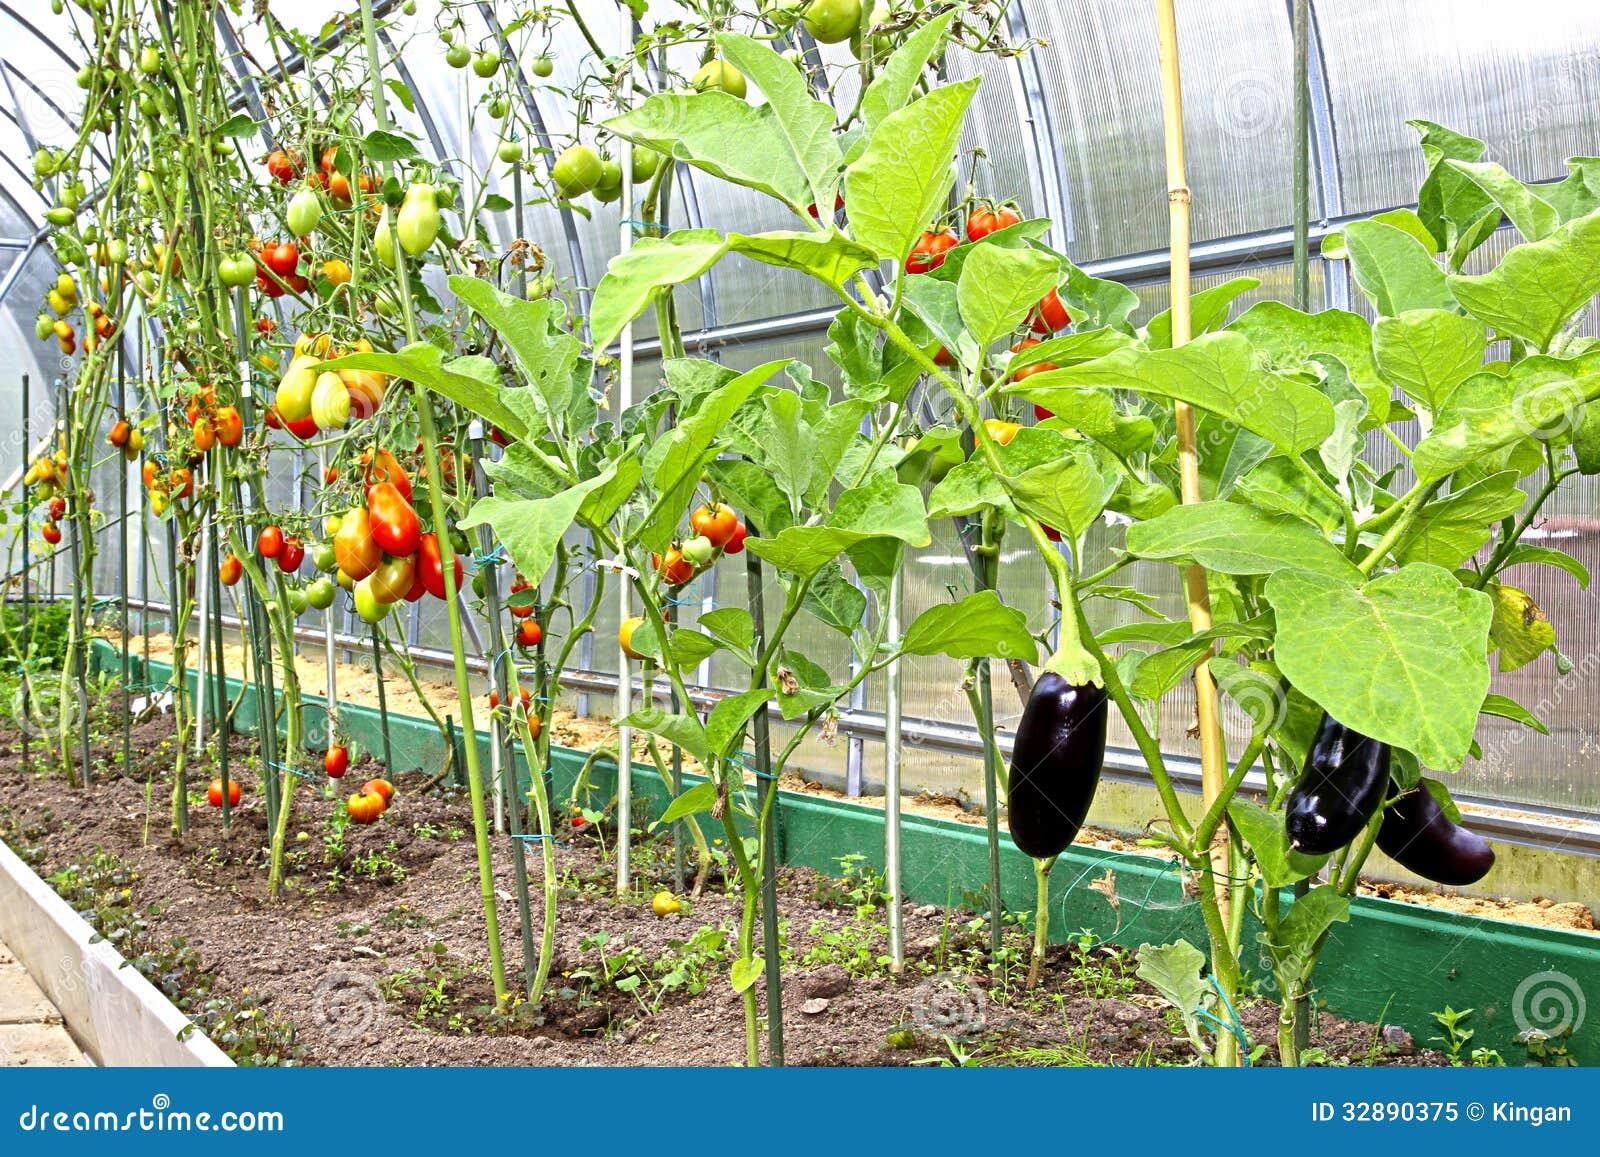 tomaten und auberginen stockbild bild von organisch 32890375. Black Bedroom Furniture Sets. Home Design Ideas